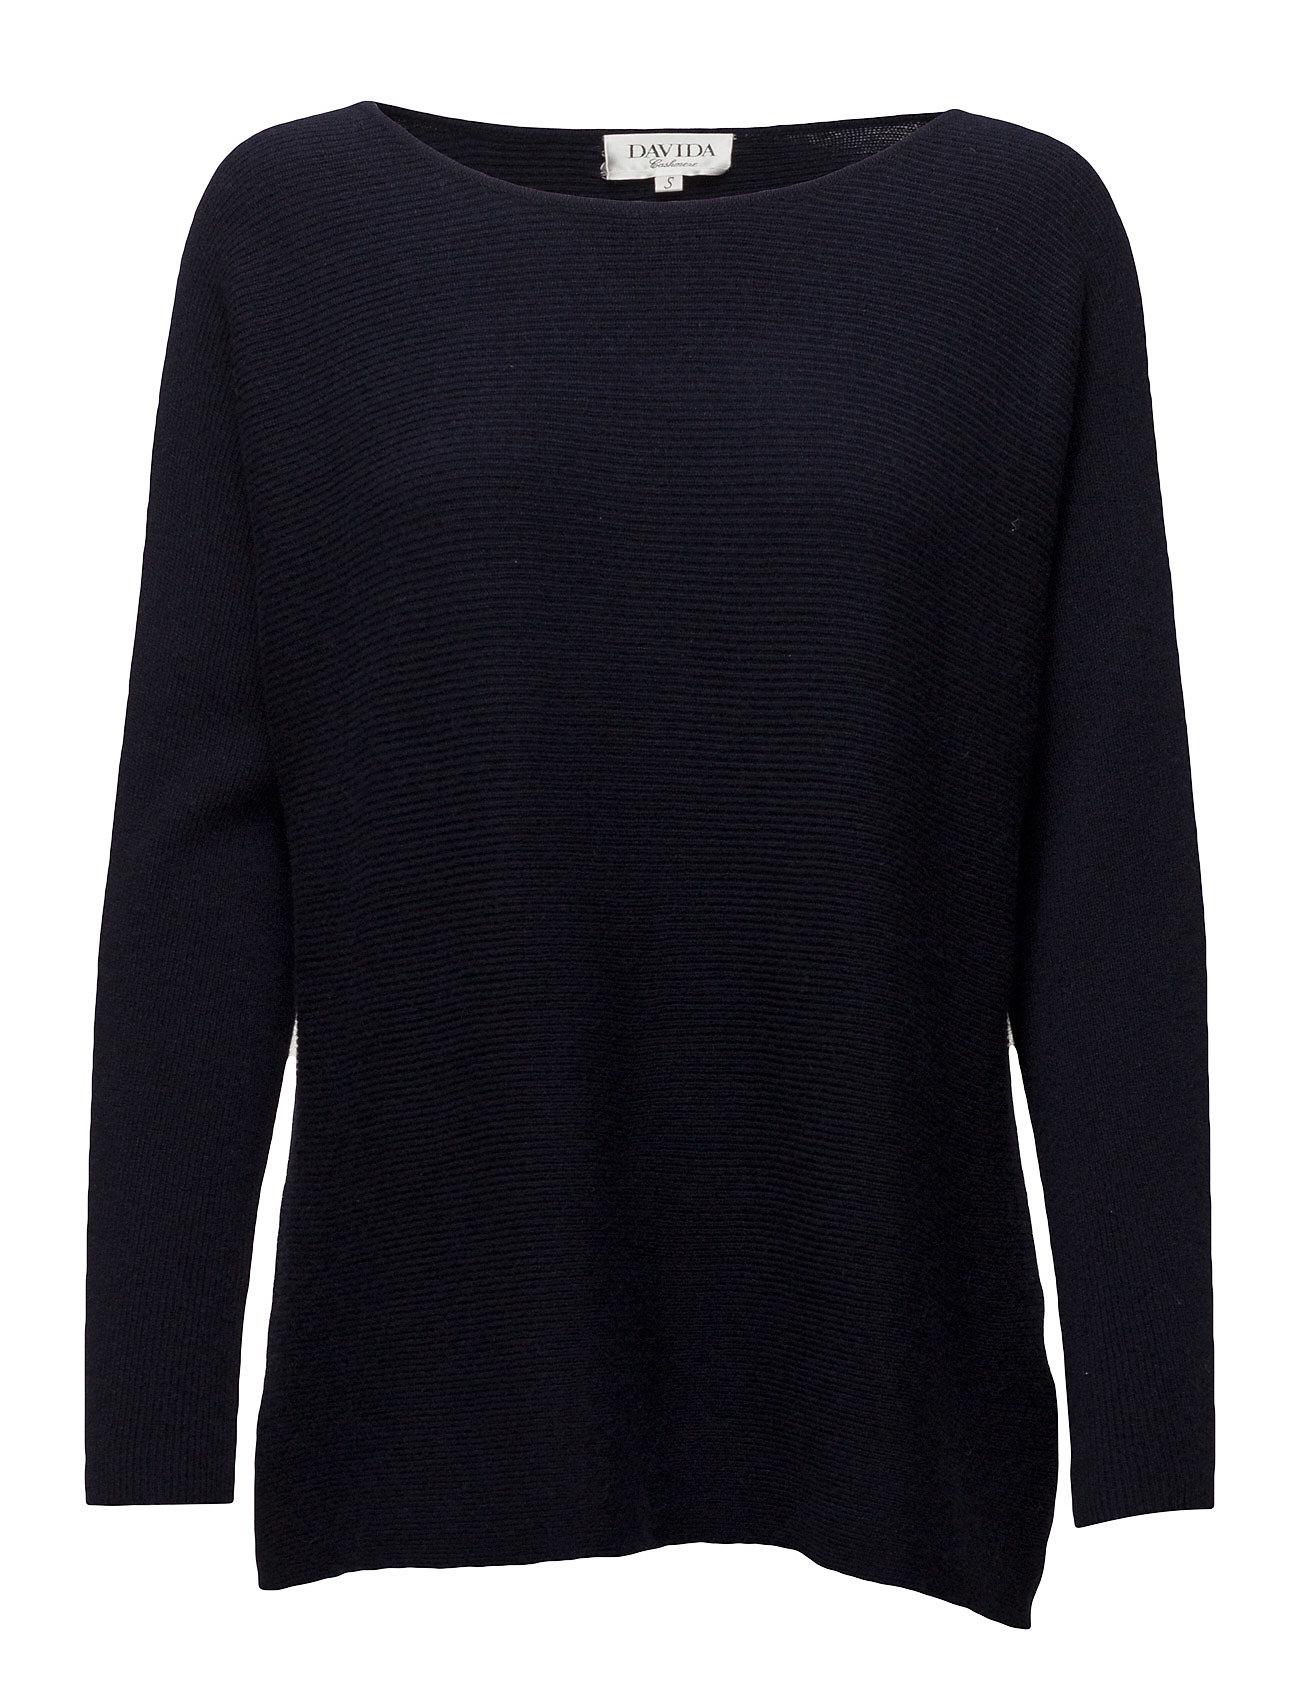 davida cashmere O-neck sweater rib på boozt.com dk